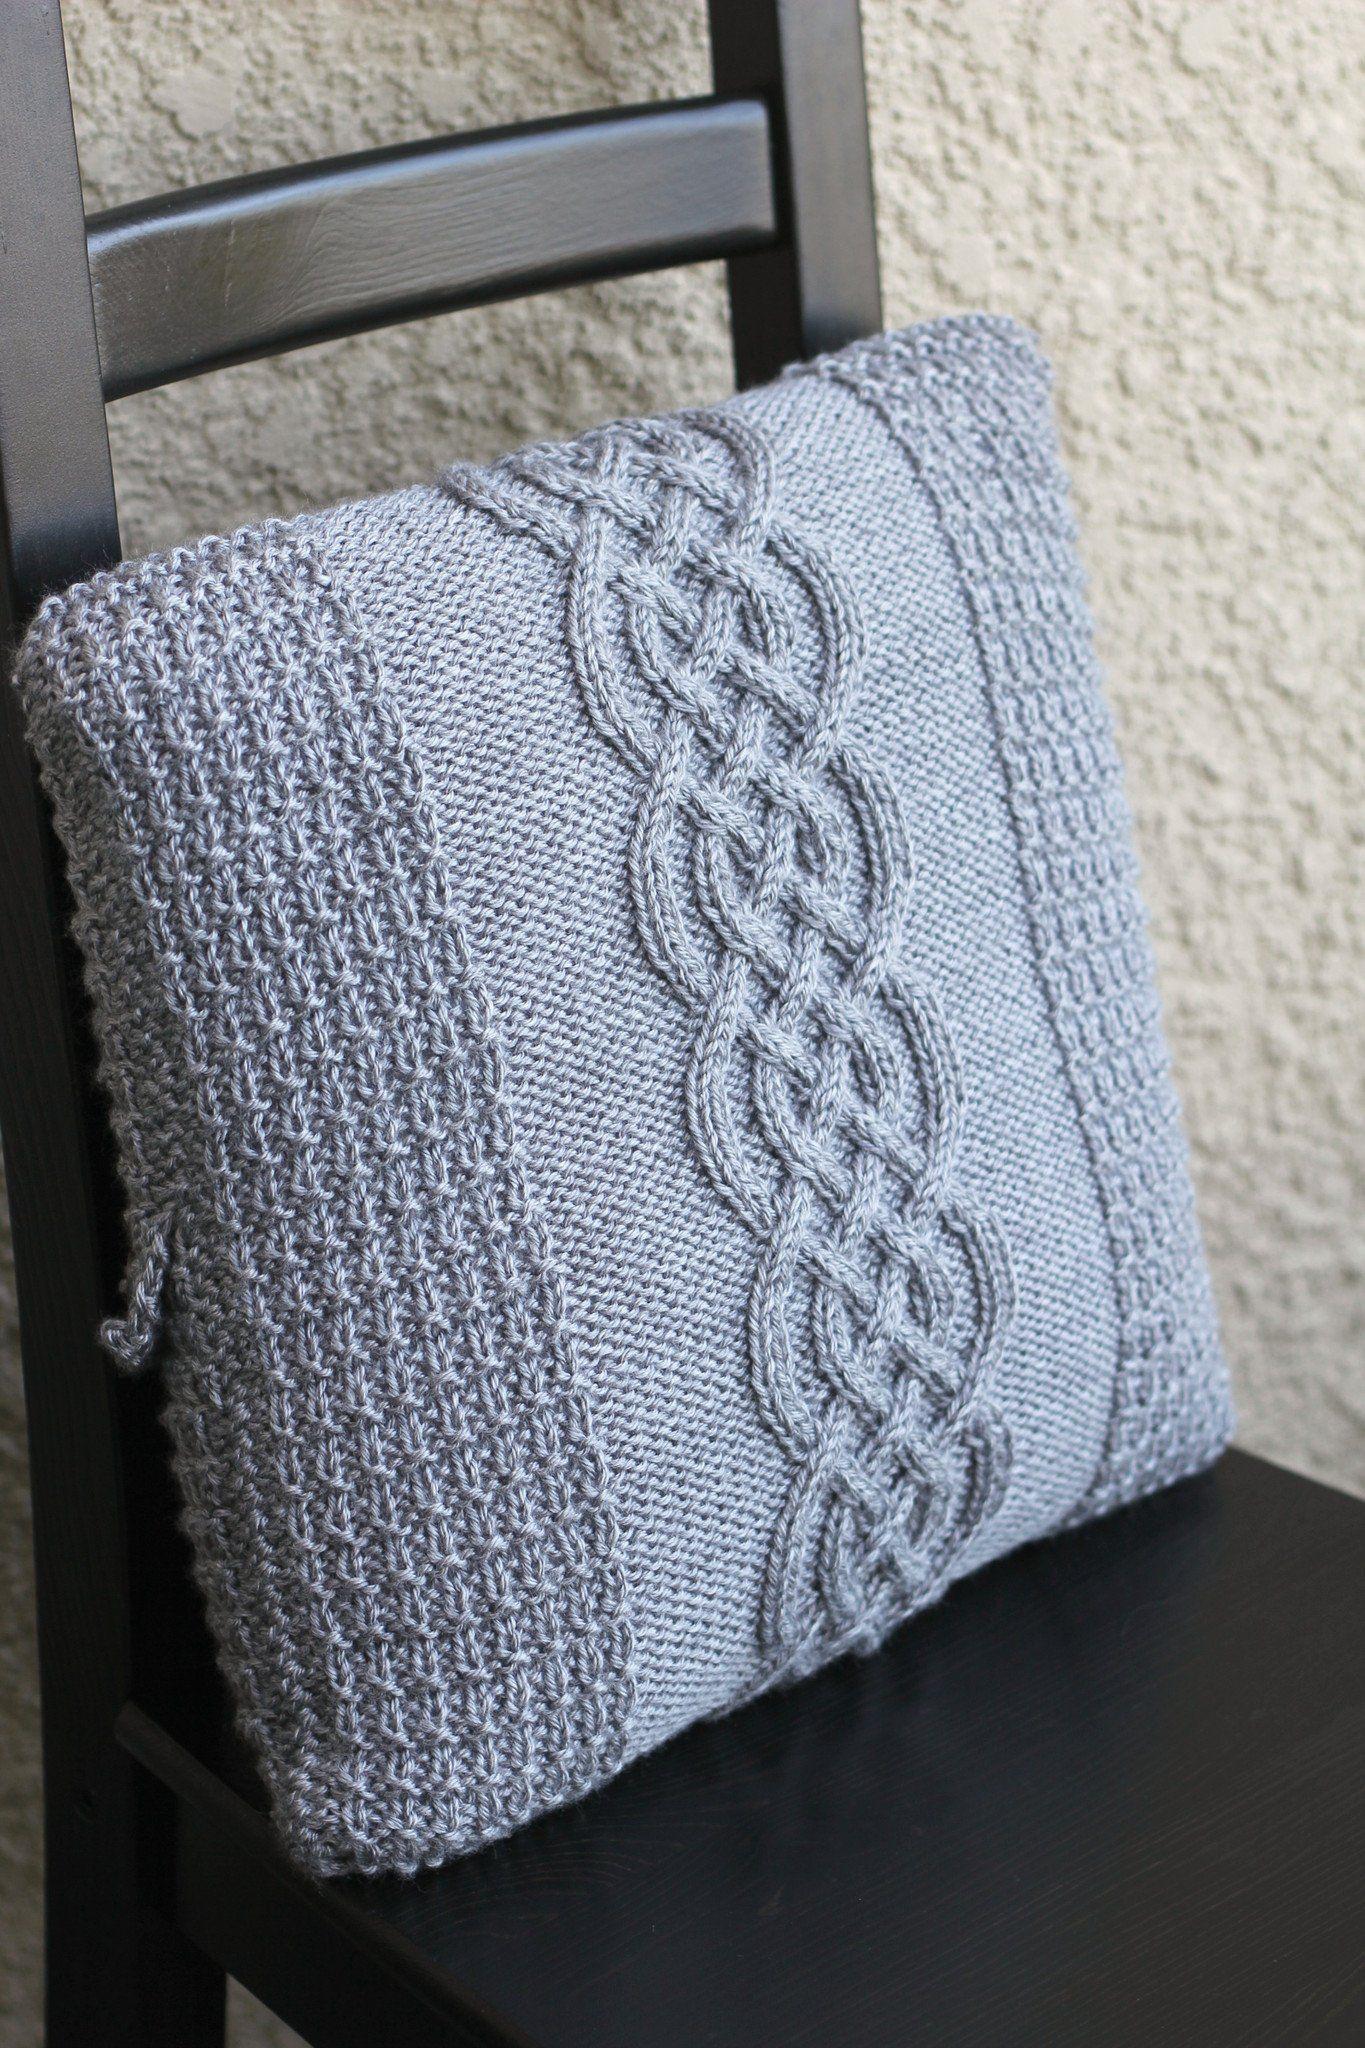 Knitting patterns - 2 knit pillowcase patterns bundle ...